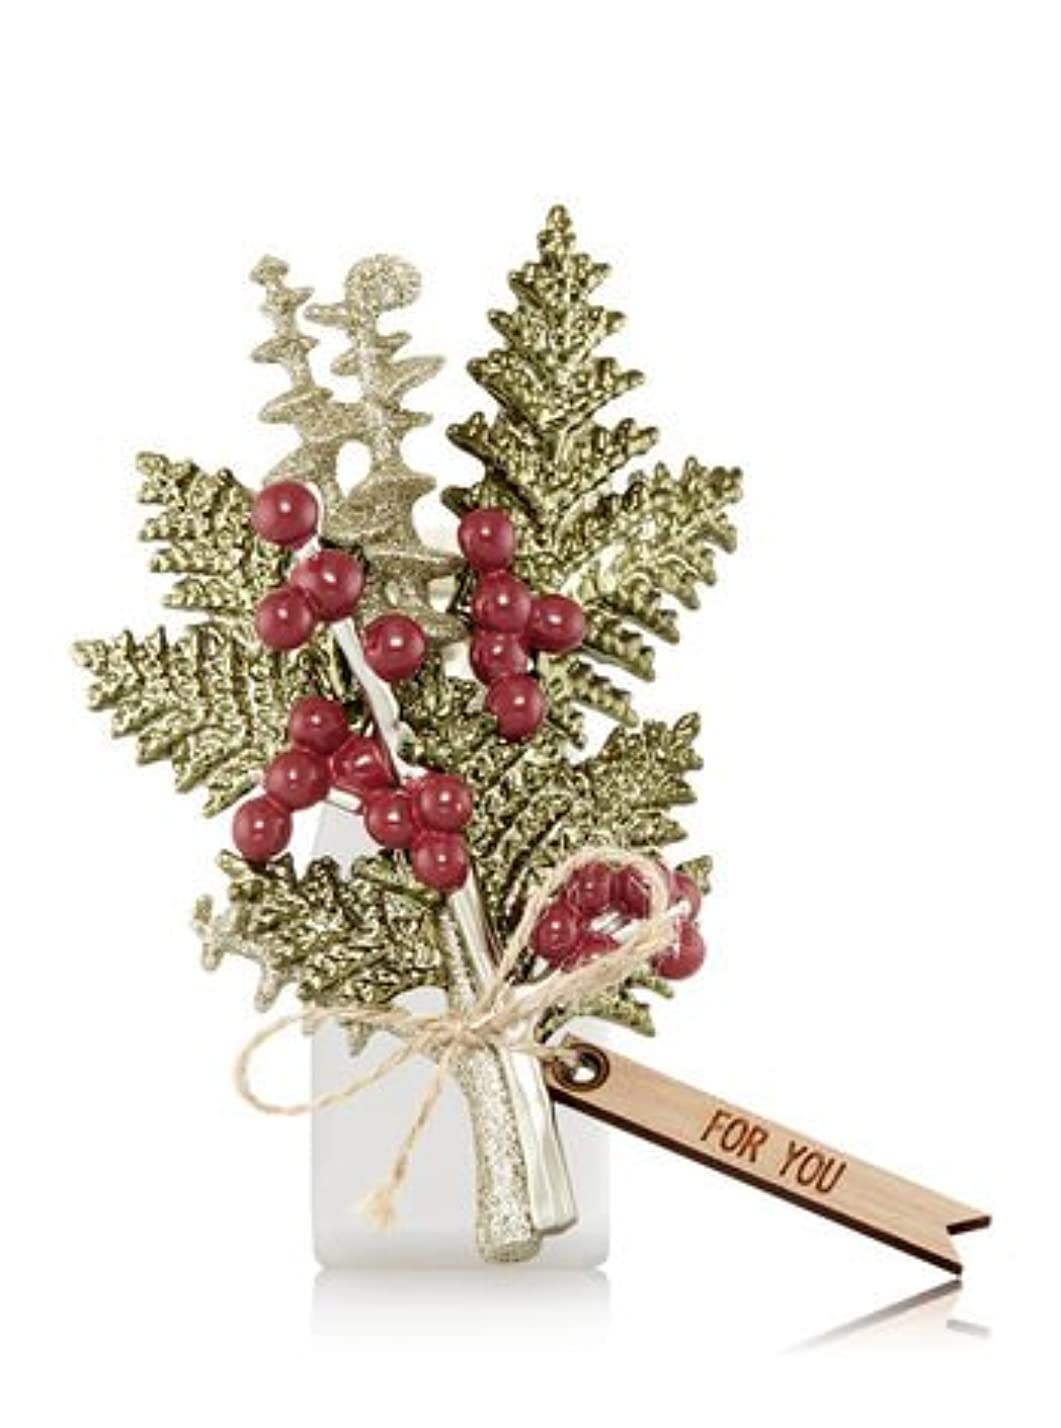 食堂達成後退する【Bath&Body Works/バス&ボディワークス】 ルームフレグランス プラグインスターター (本体のみ) ウィンターボタニカル Wallflowers Fragrance Plug Winter Botanical [並行輸入品]